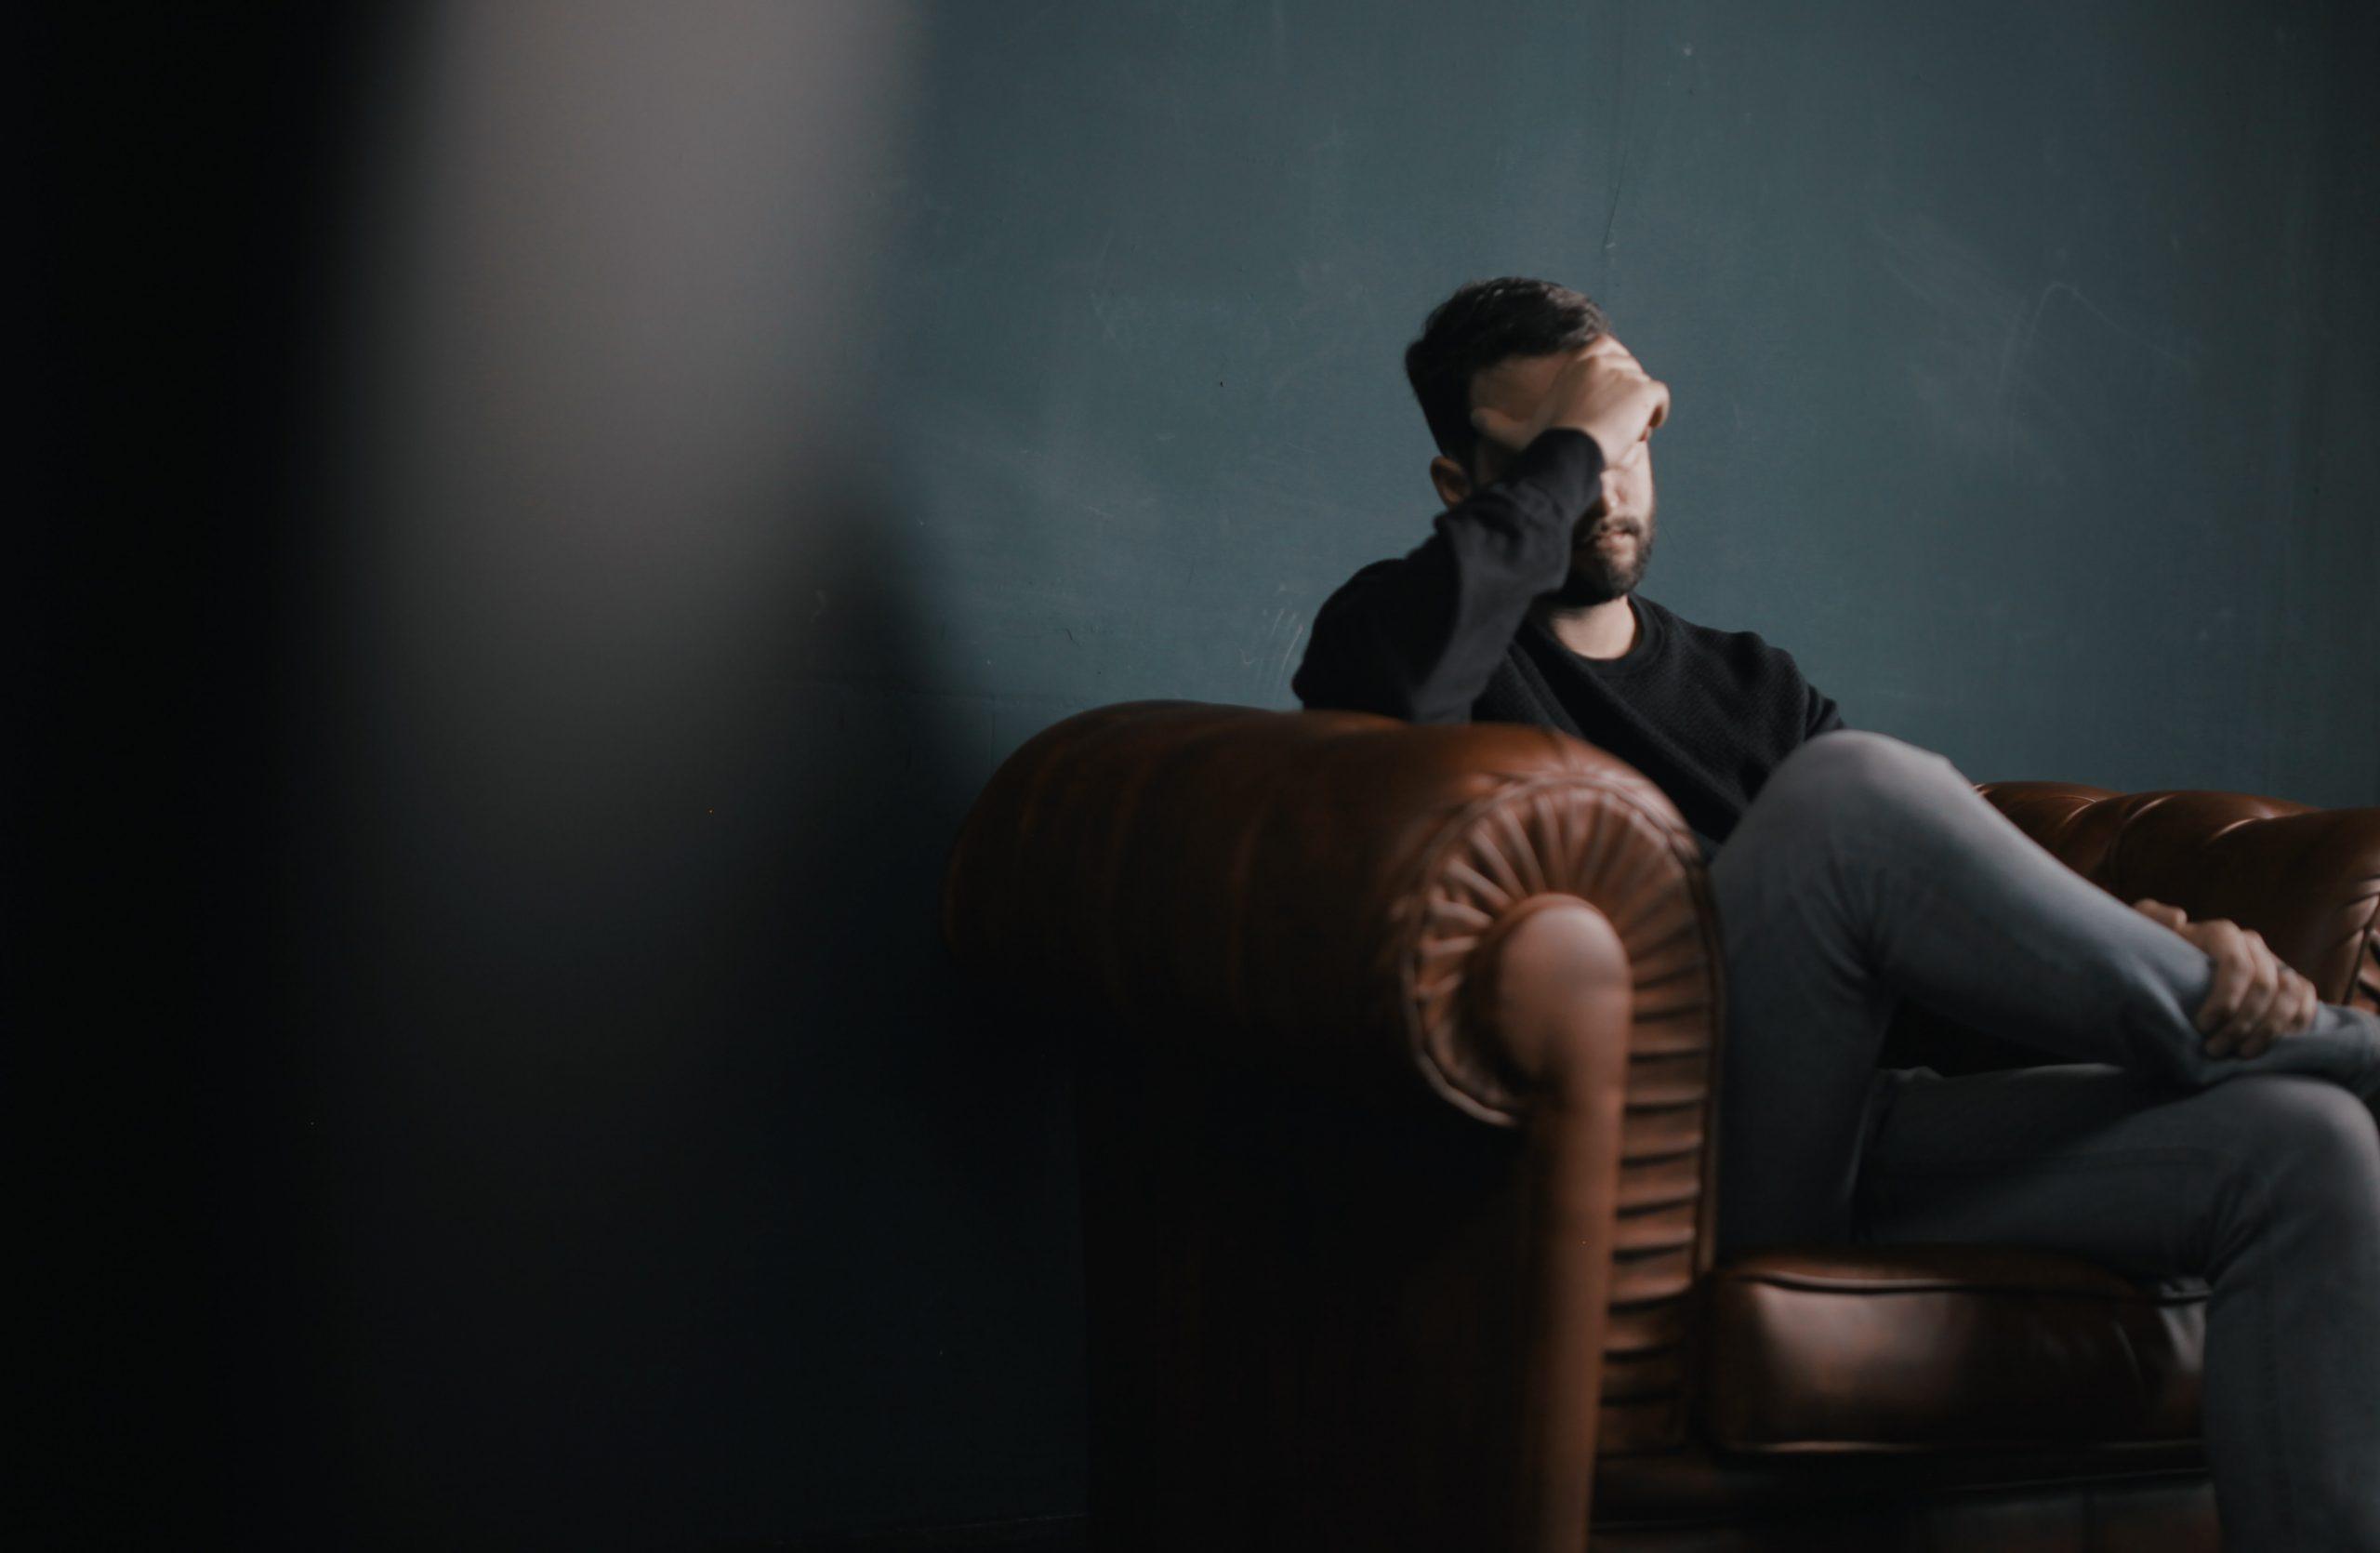 Suomen Psykologiliitto: Eheytyshoidot epäeettisiä ja haitallisia